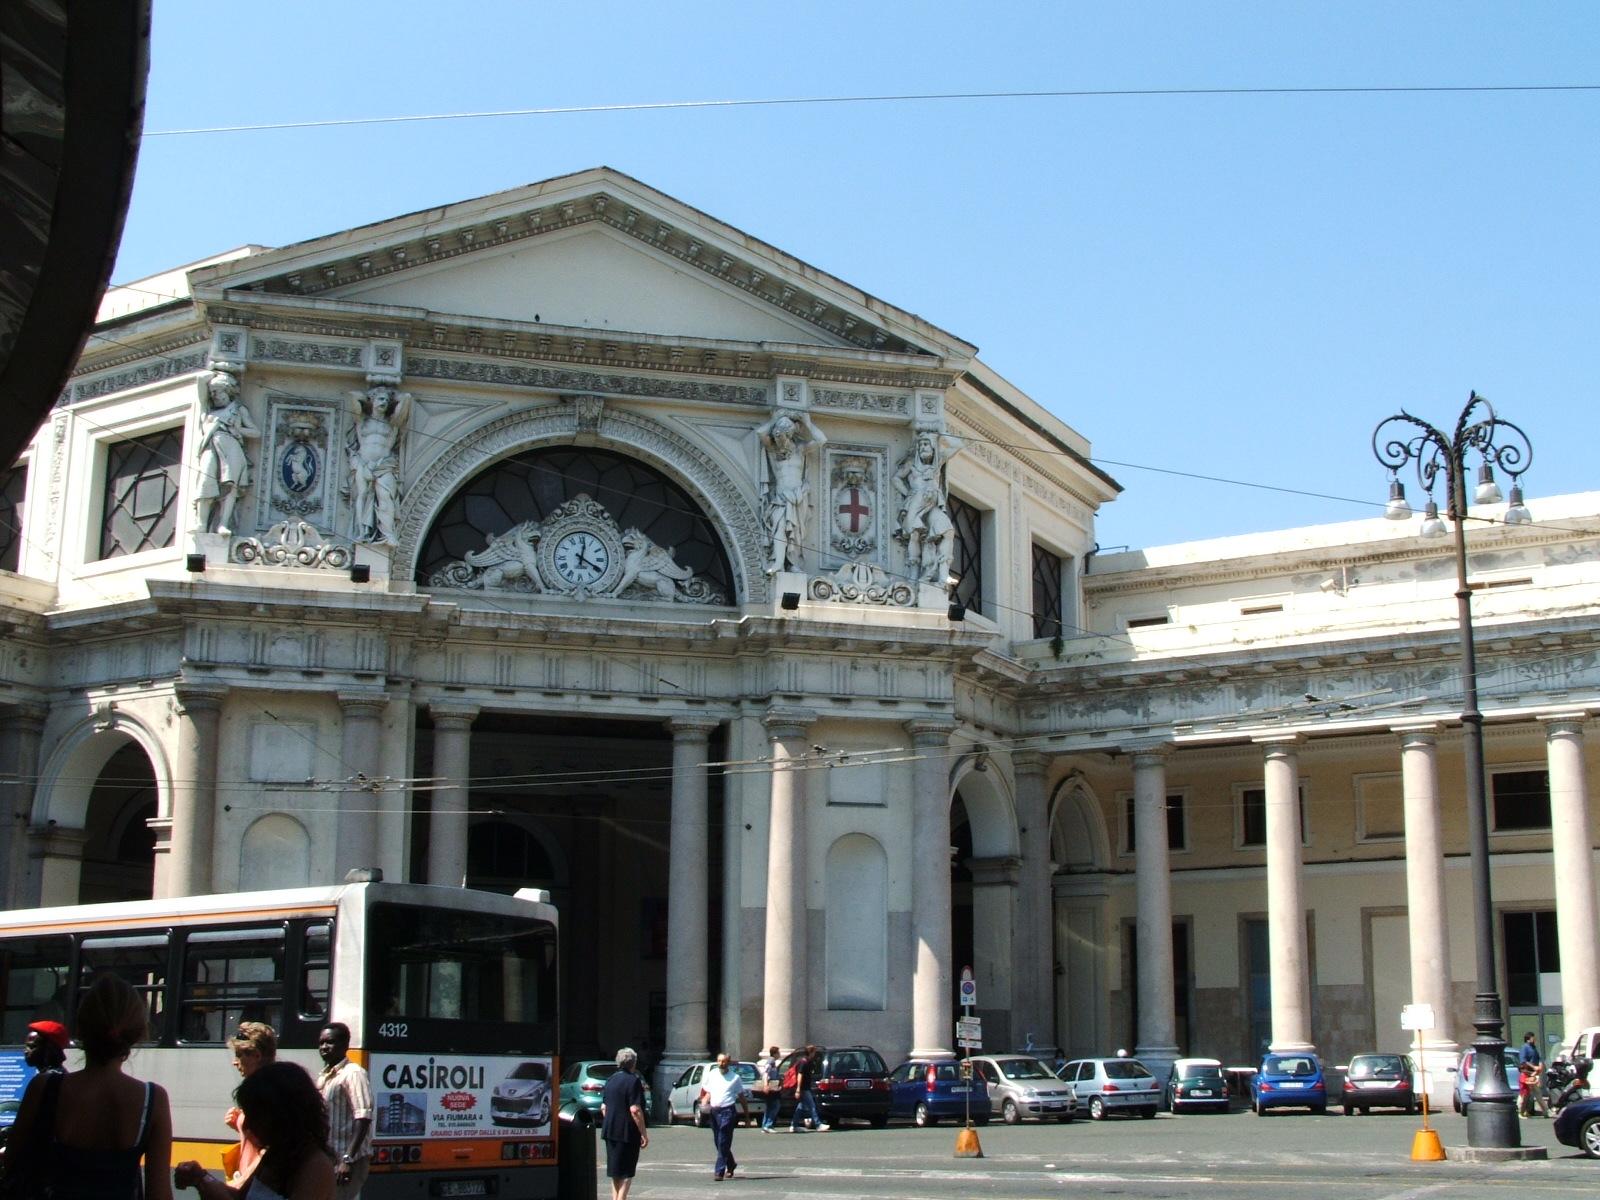 Stazione di genova piazza principe wikiwand - Genova porta principe ...